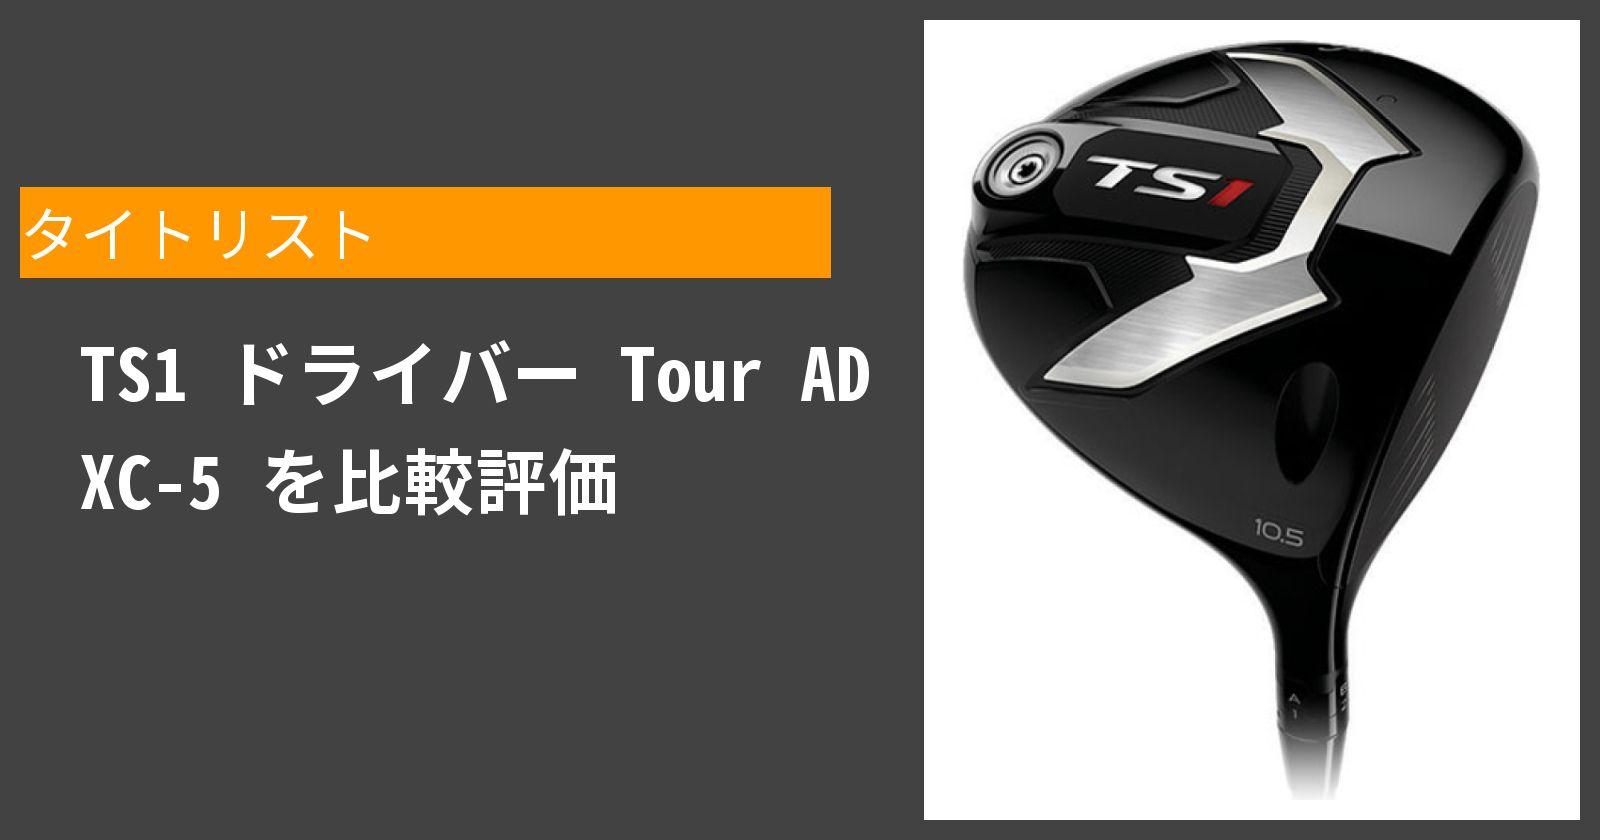 TS1 ドライバー Tour AD XC-5を徹底評価